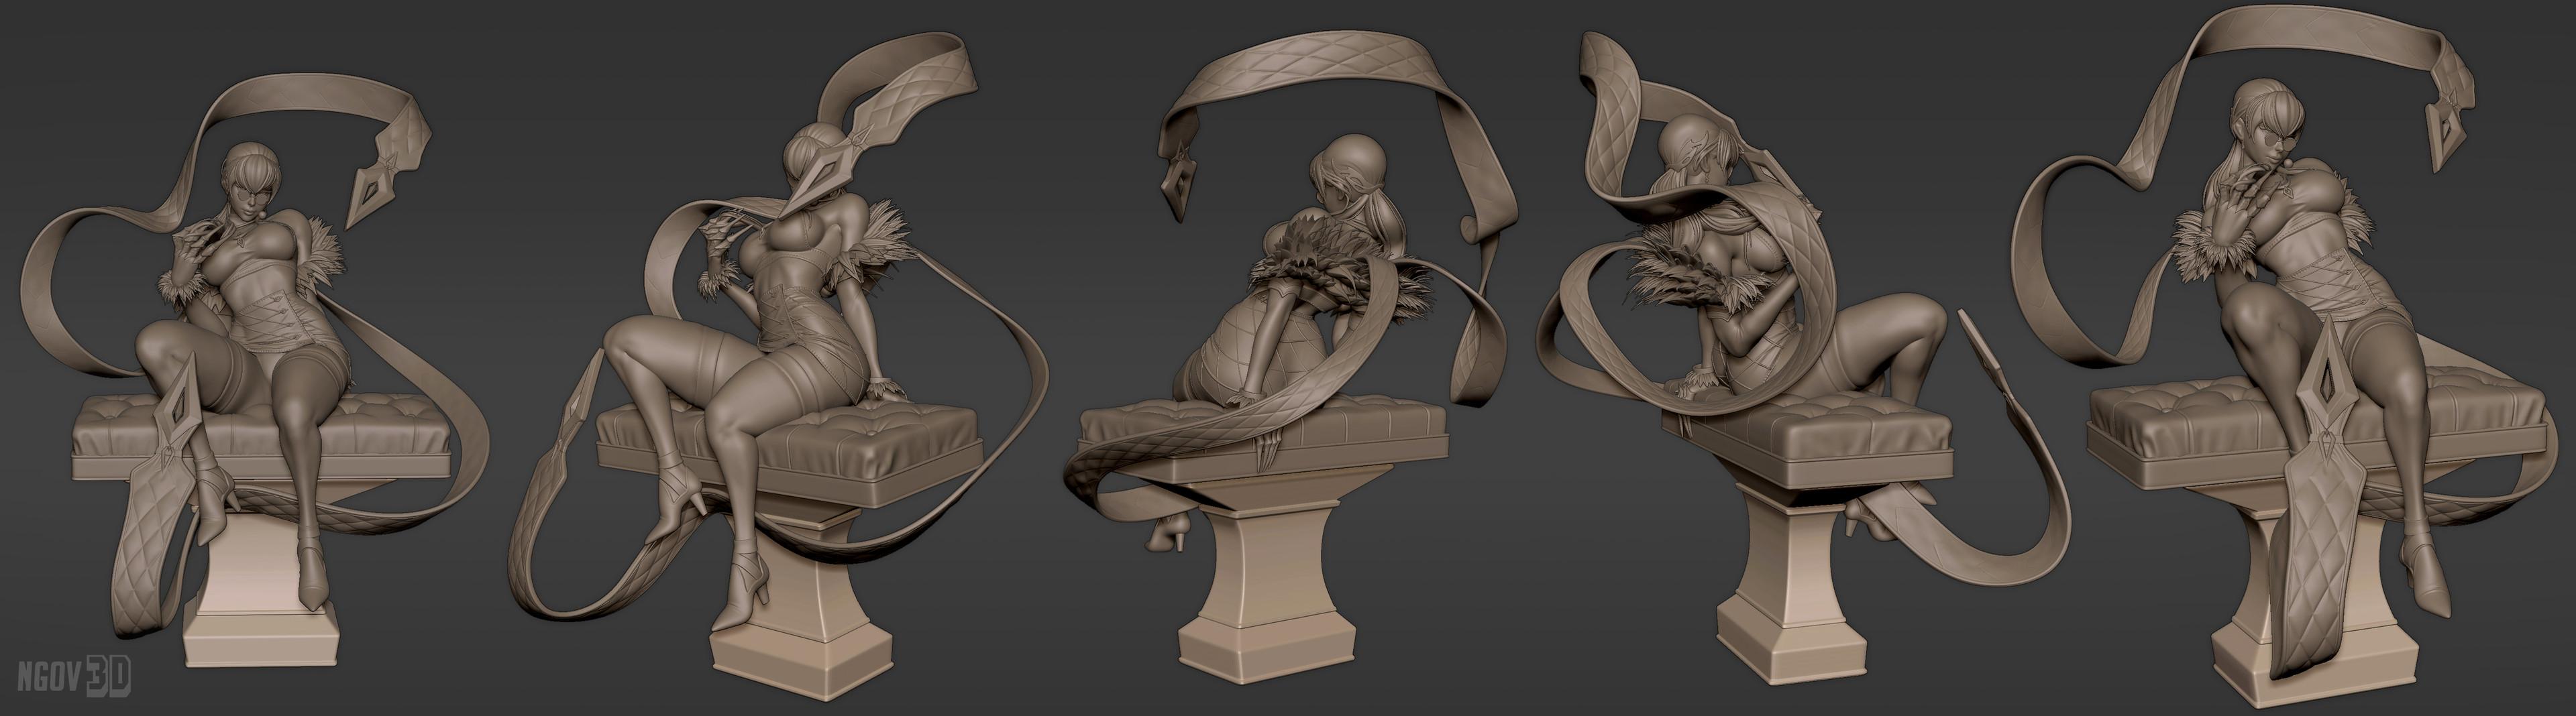 Sculpt Turnaround